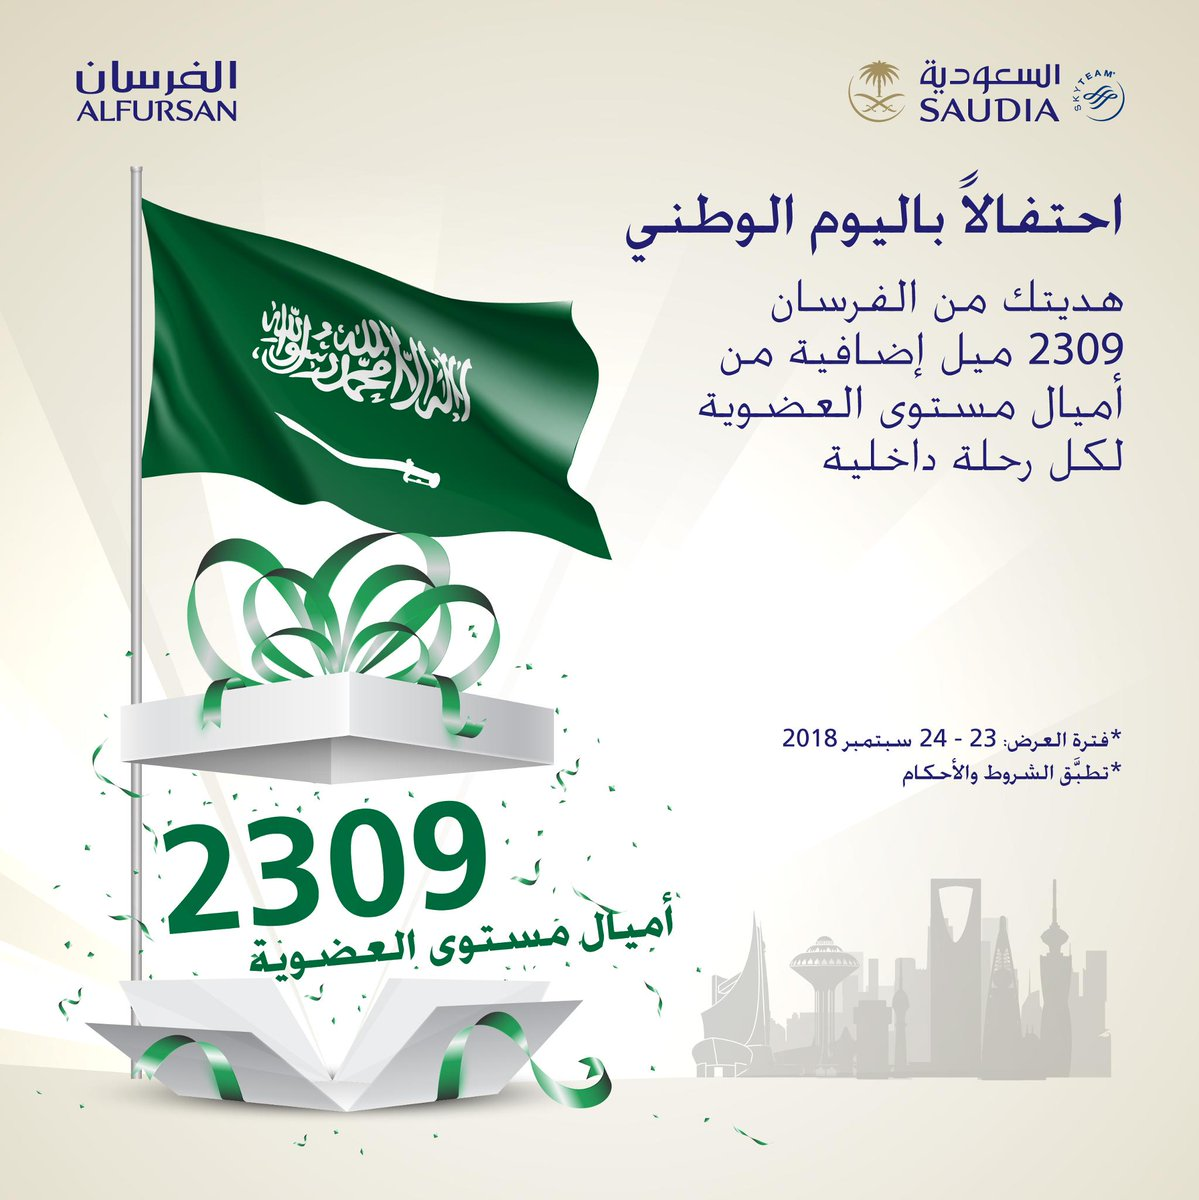 تخفيضات من السعودية على الرحلات الداخلية من وإلى 27 مطارًا